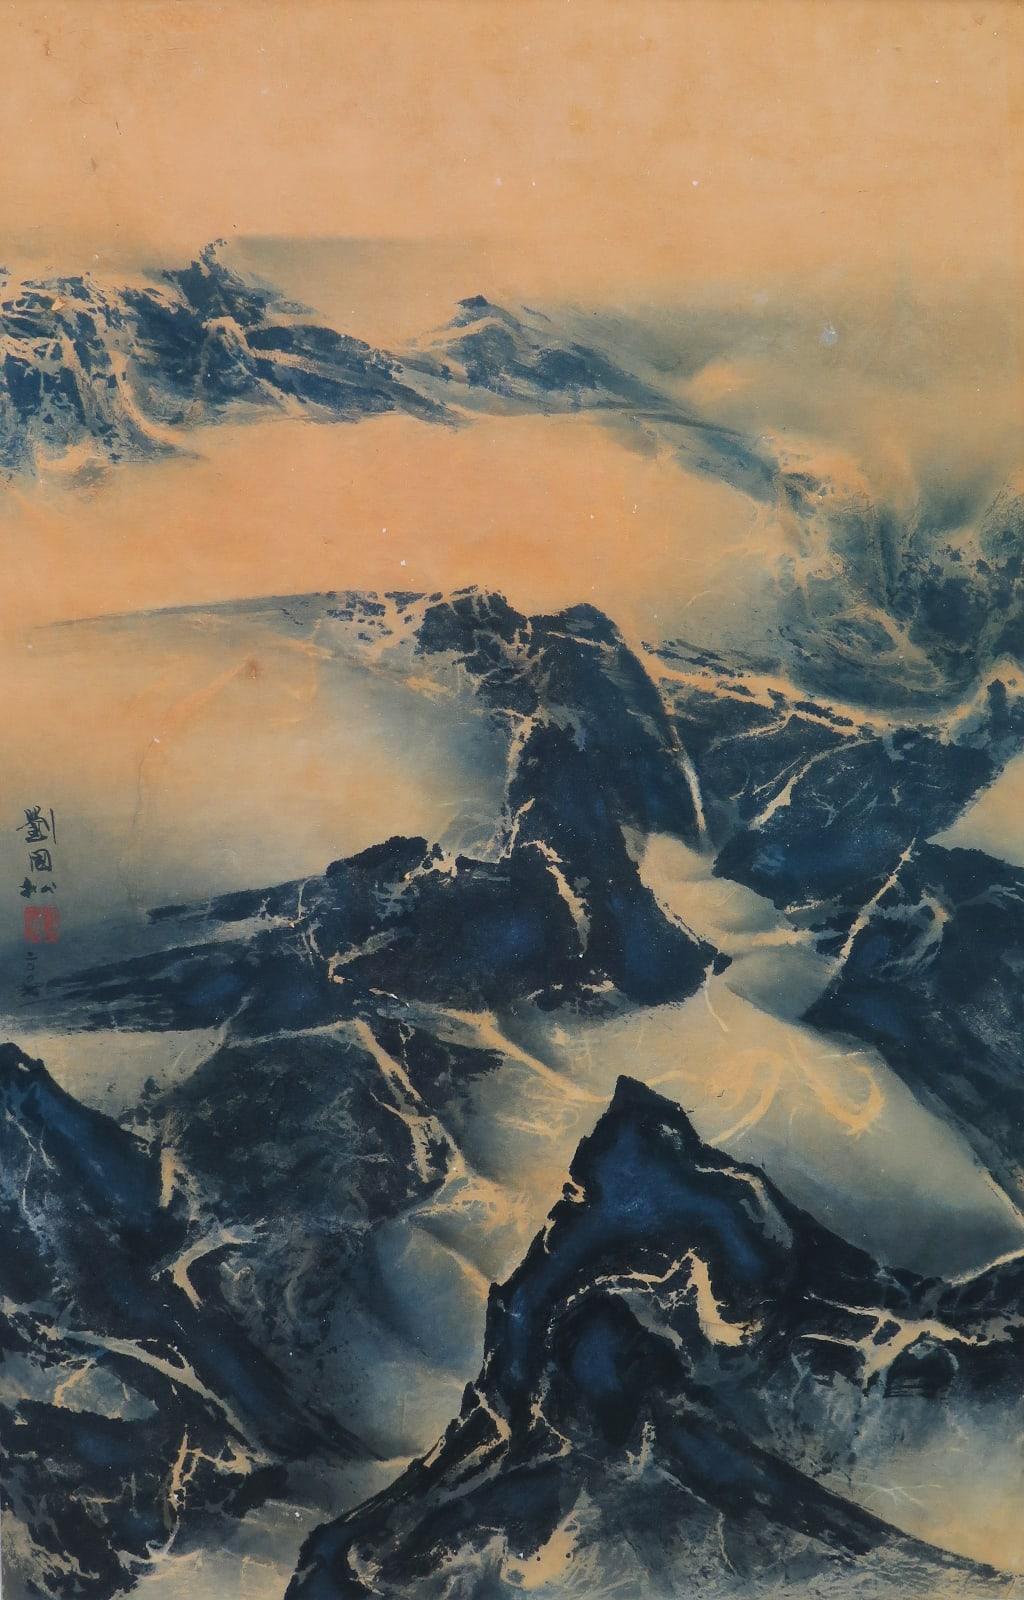 Liu Kuo-Sung 劉國松, Dawn 拂曉, 2007